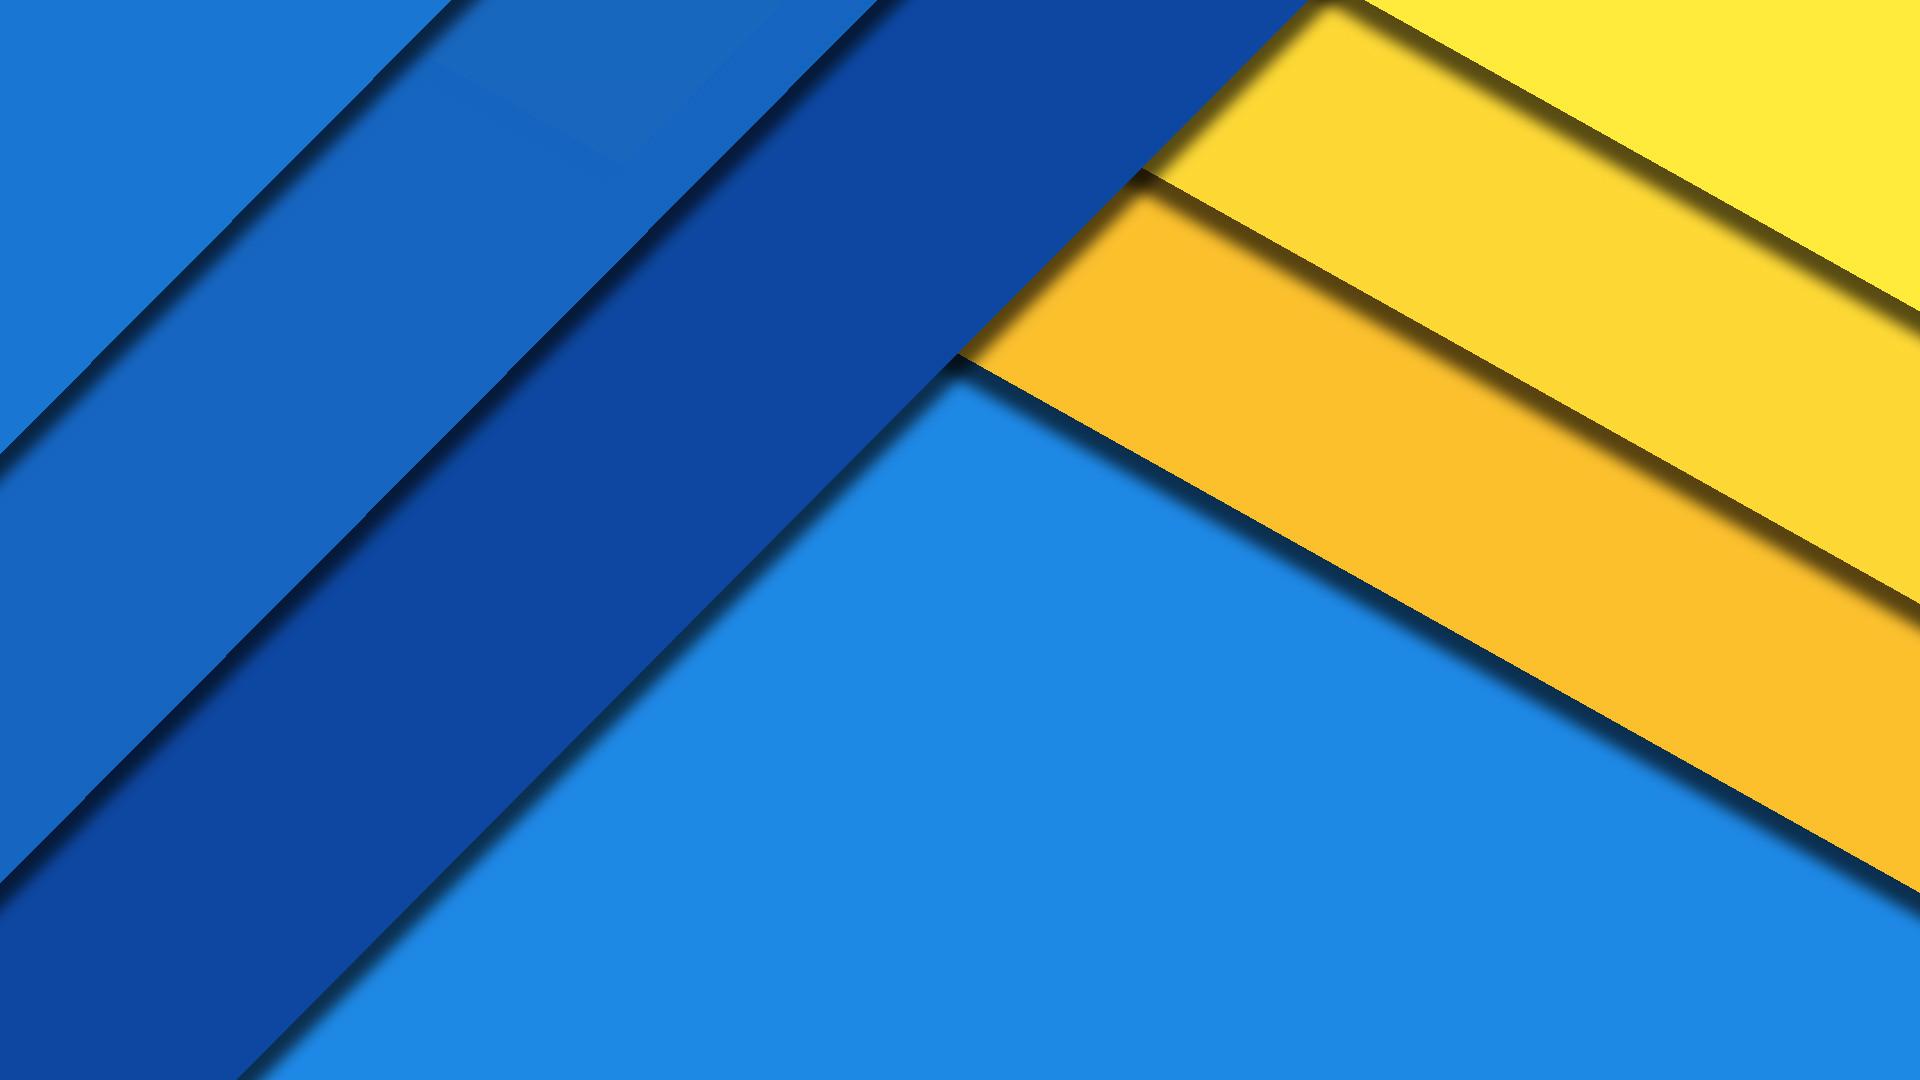 blue yellow material.jpg, 1, material wallpaper …